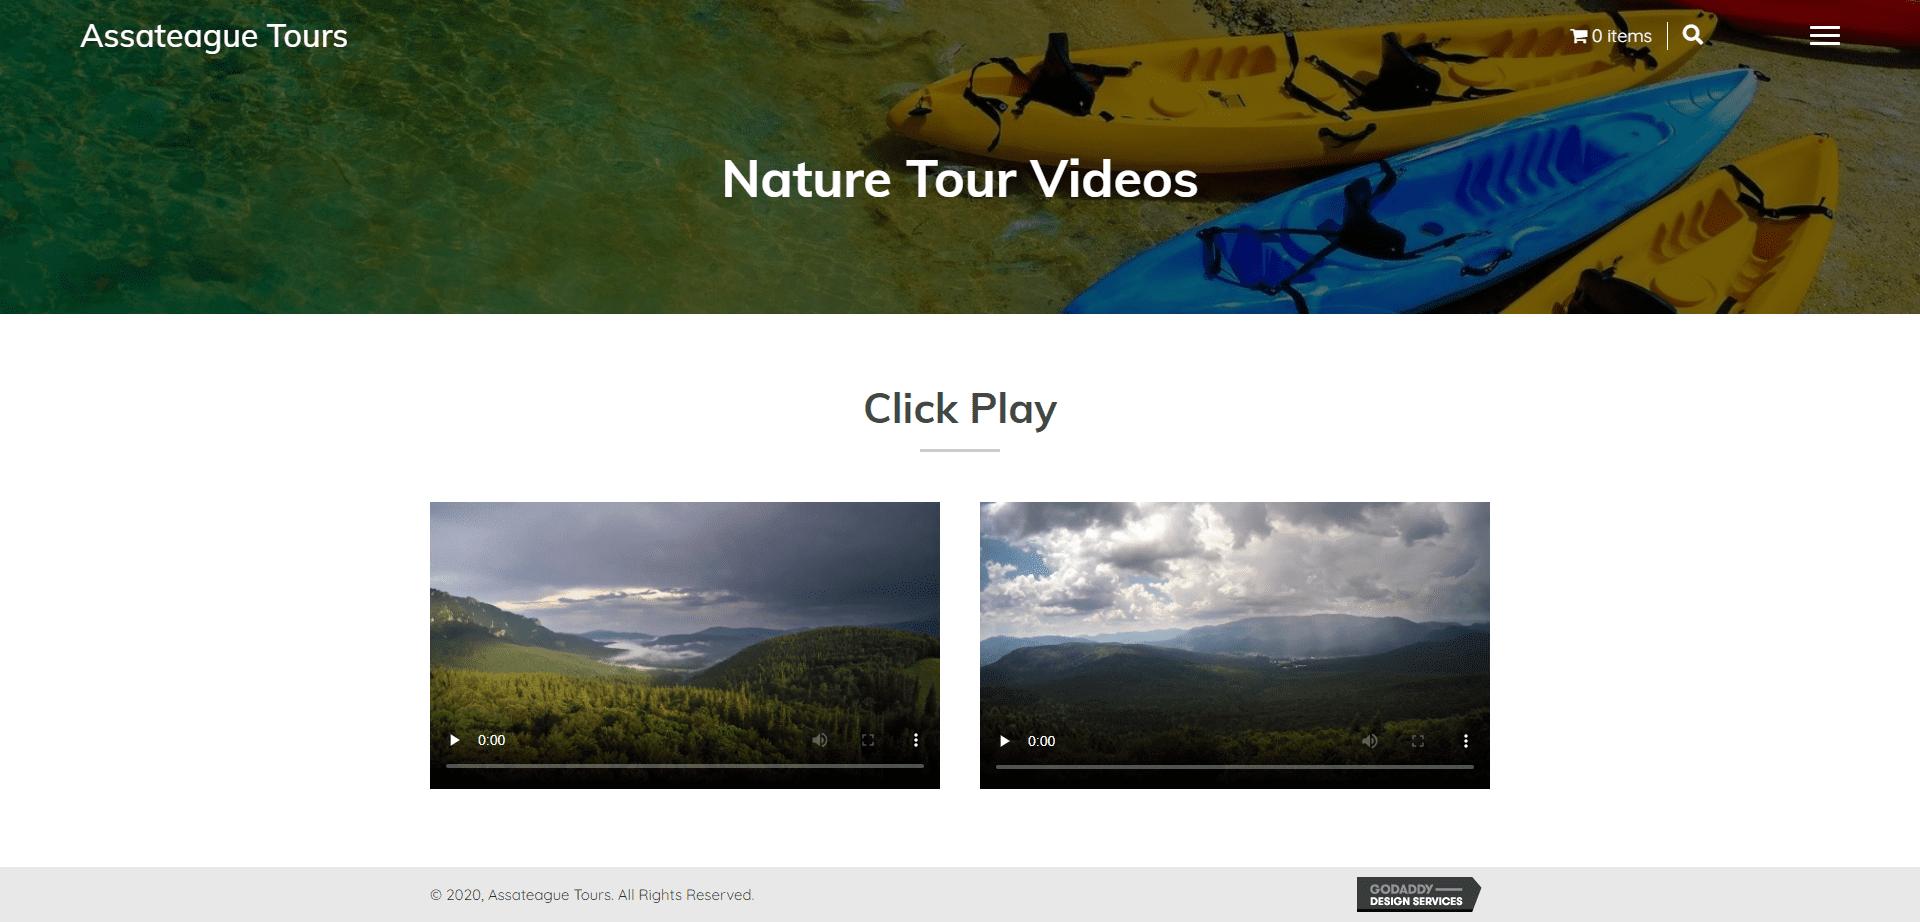 screencapture-dxg-366-myftpupload-nature-tour-videos